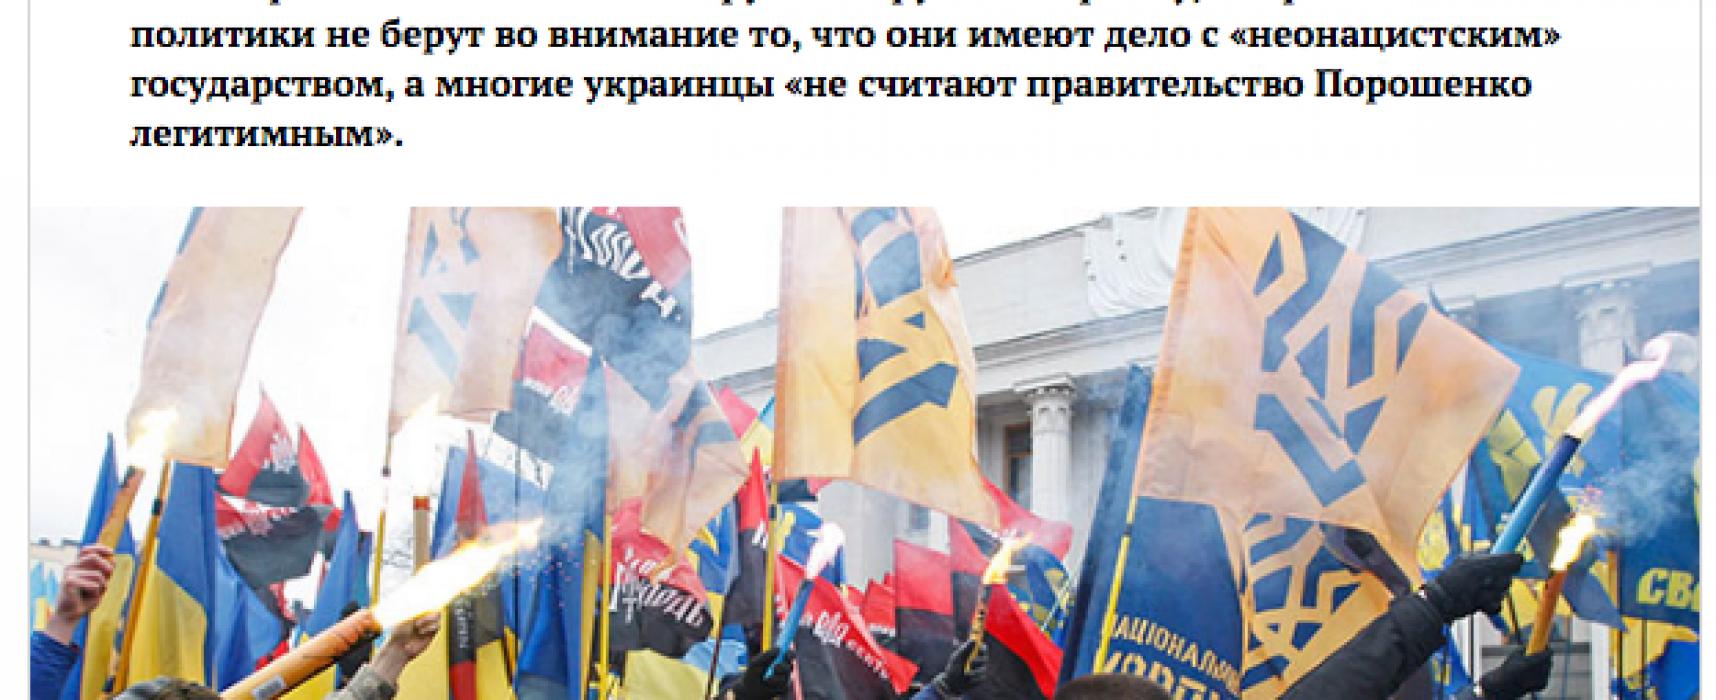 """Fake: Americká média zpochybnila legitimitu """"neonacistického režimu"""" na Ukrajině"""